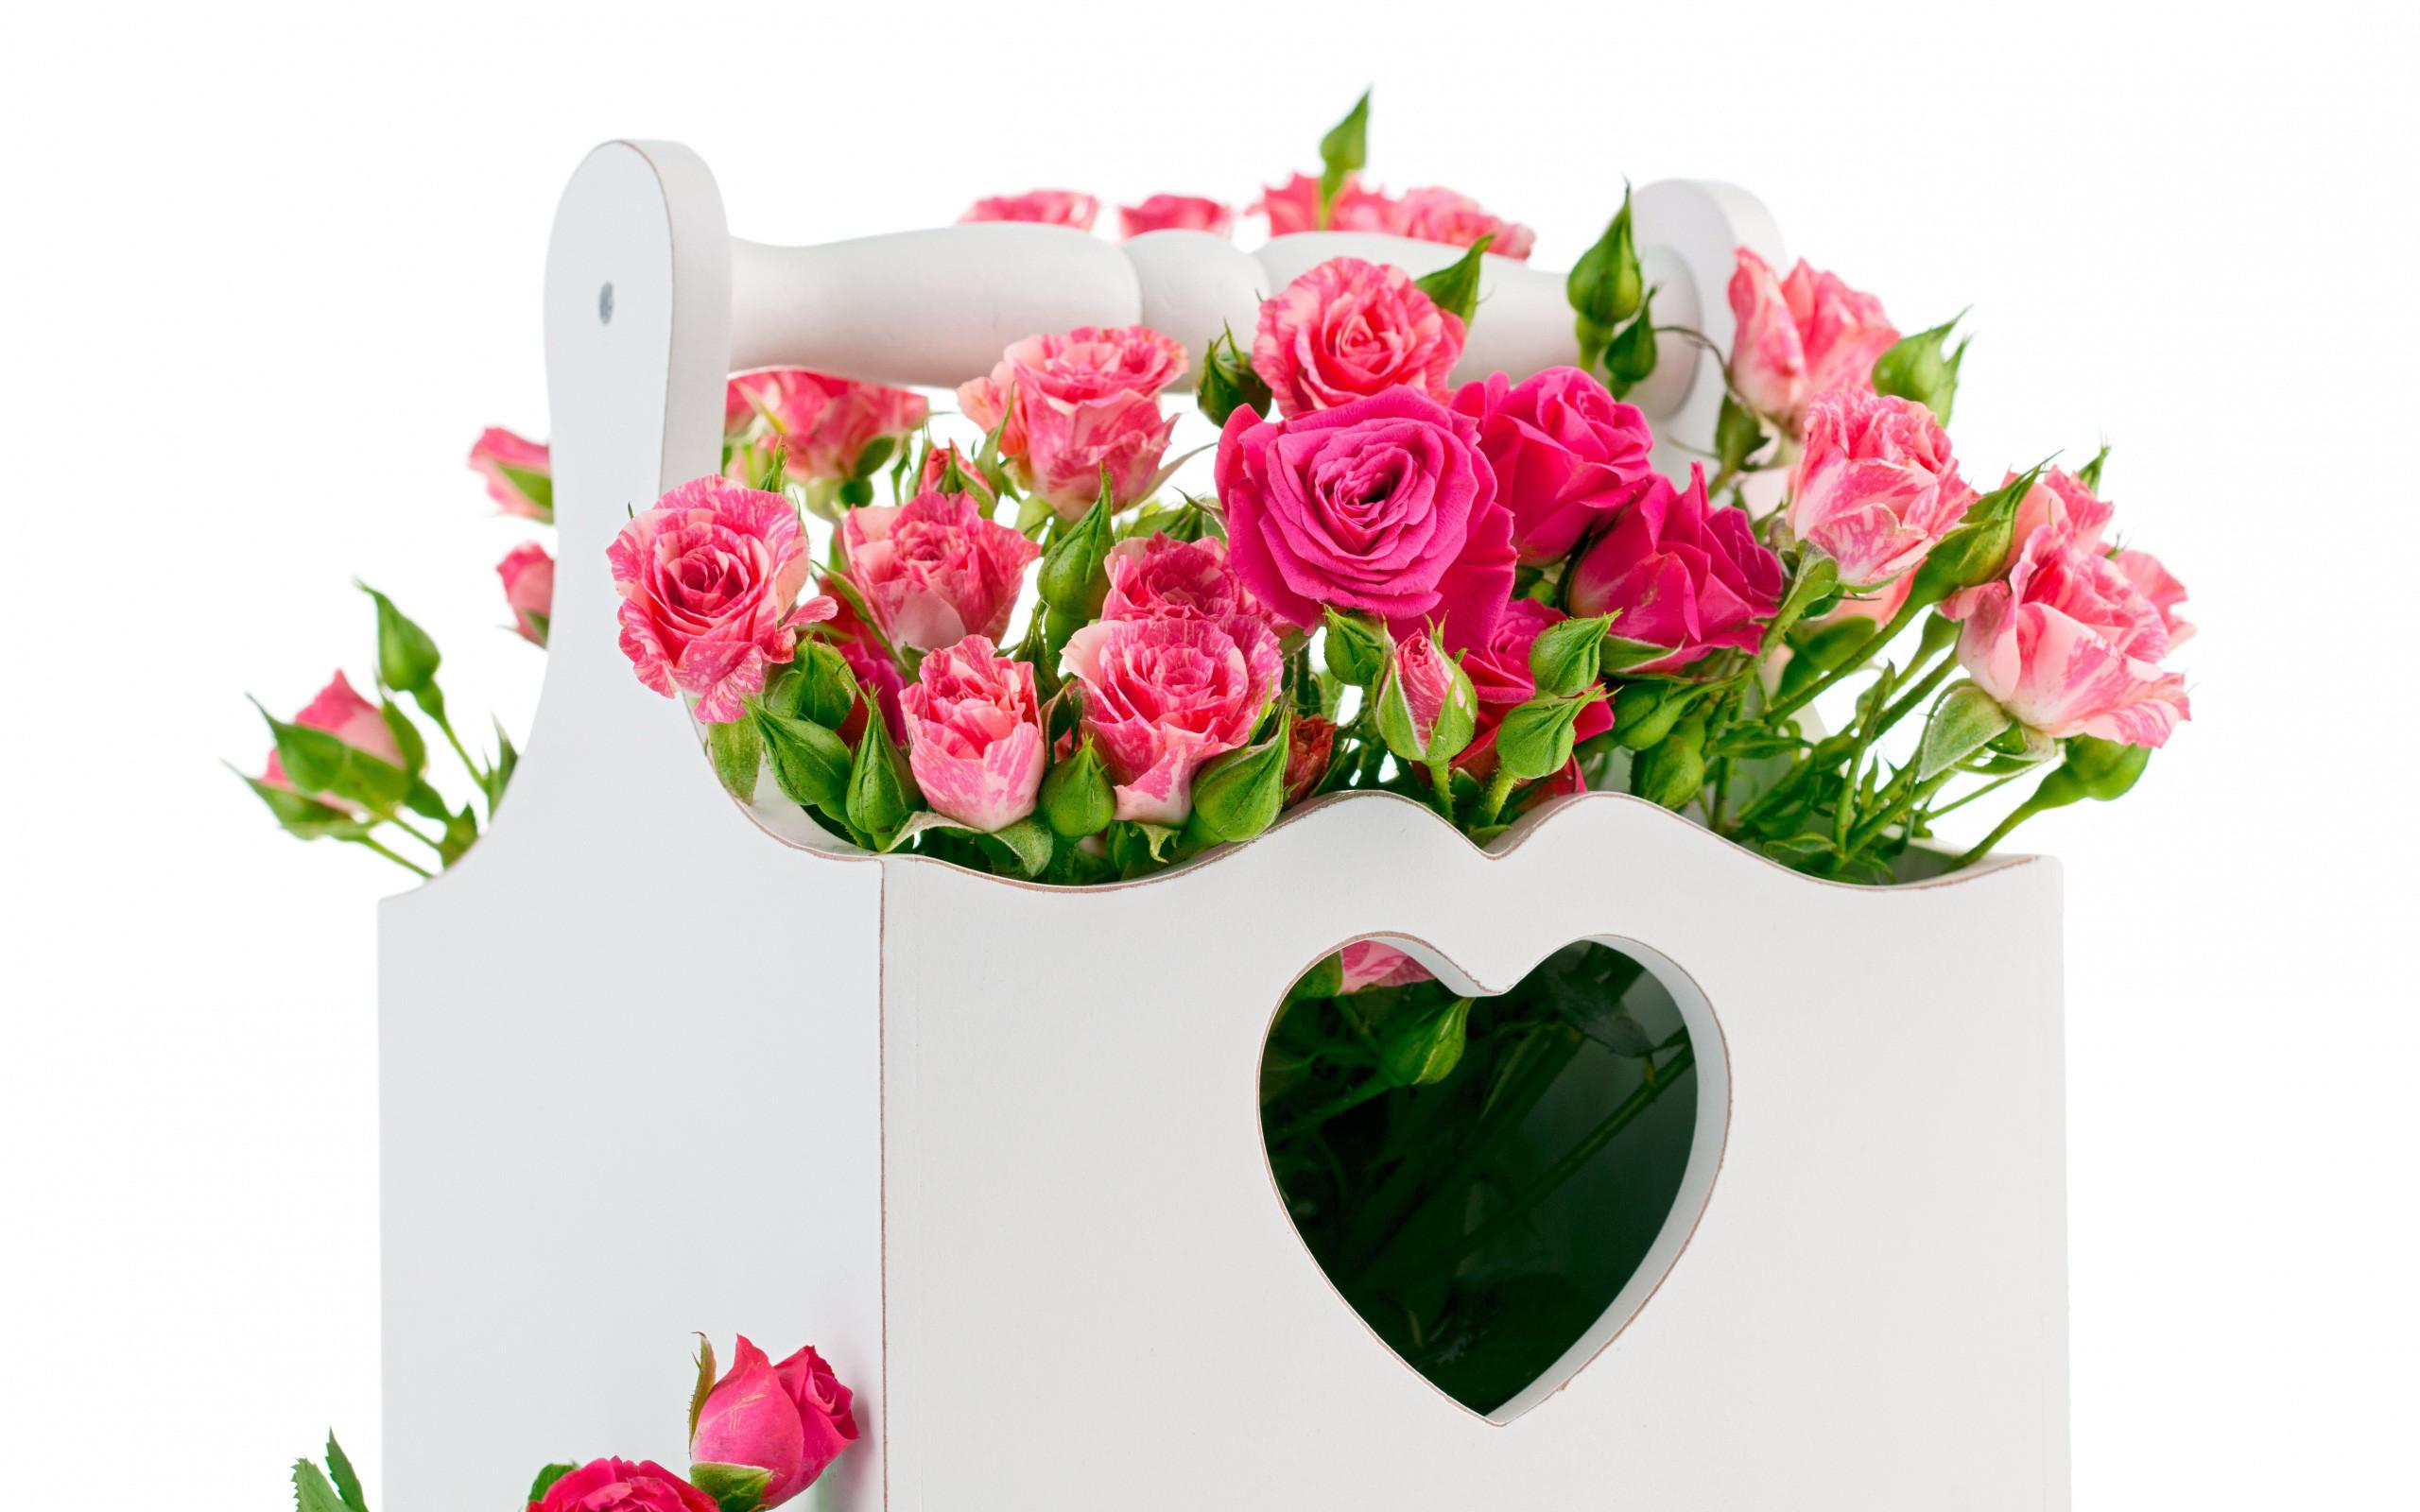 Roses Screensaver Wallpaper (45+ images)